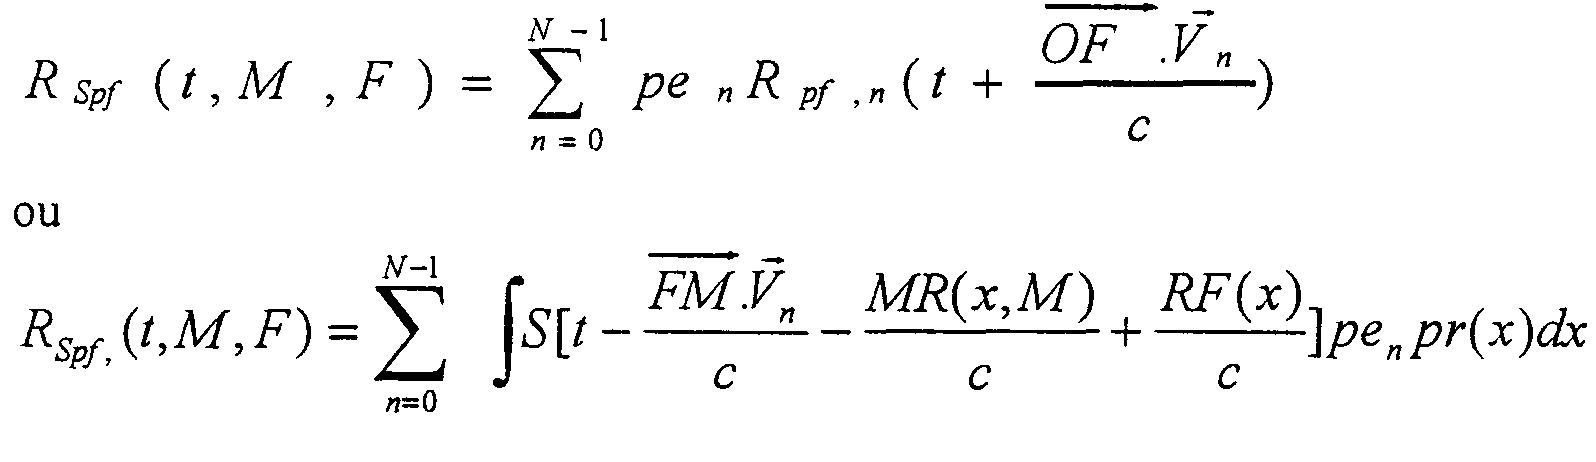 Figure img00080007